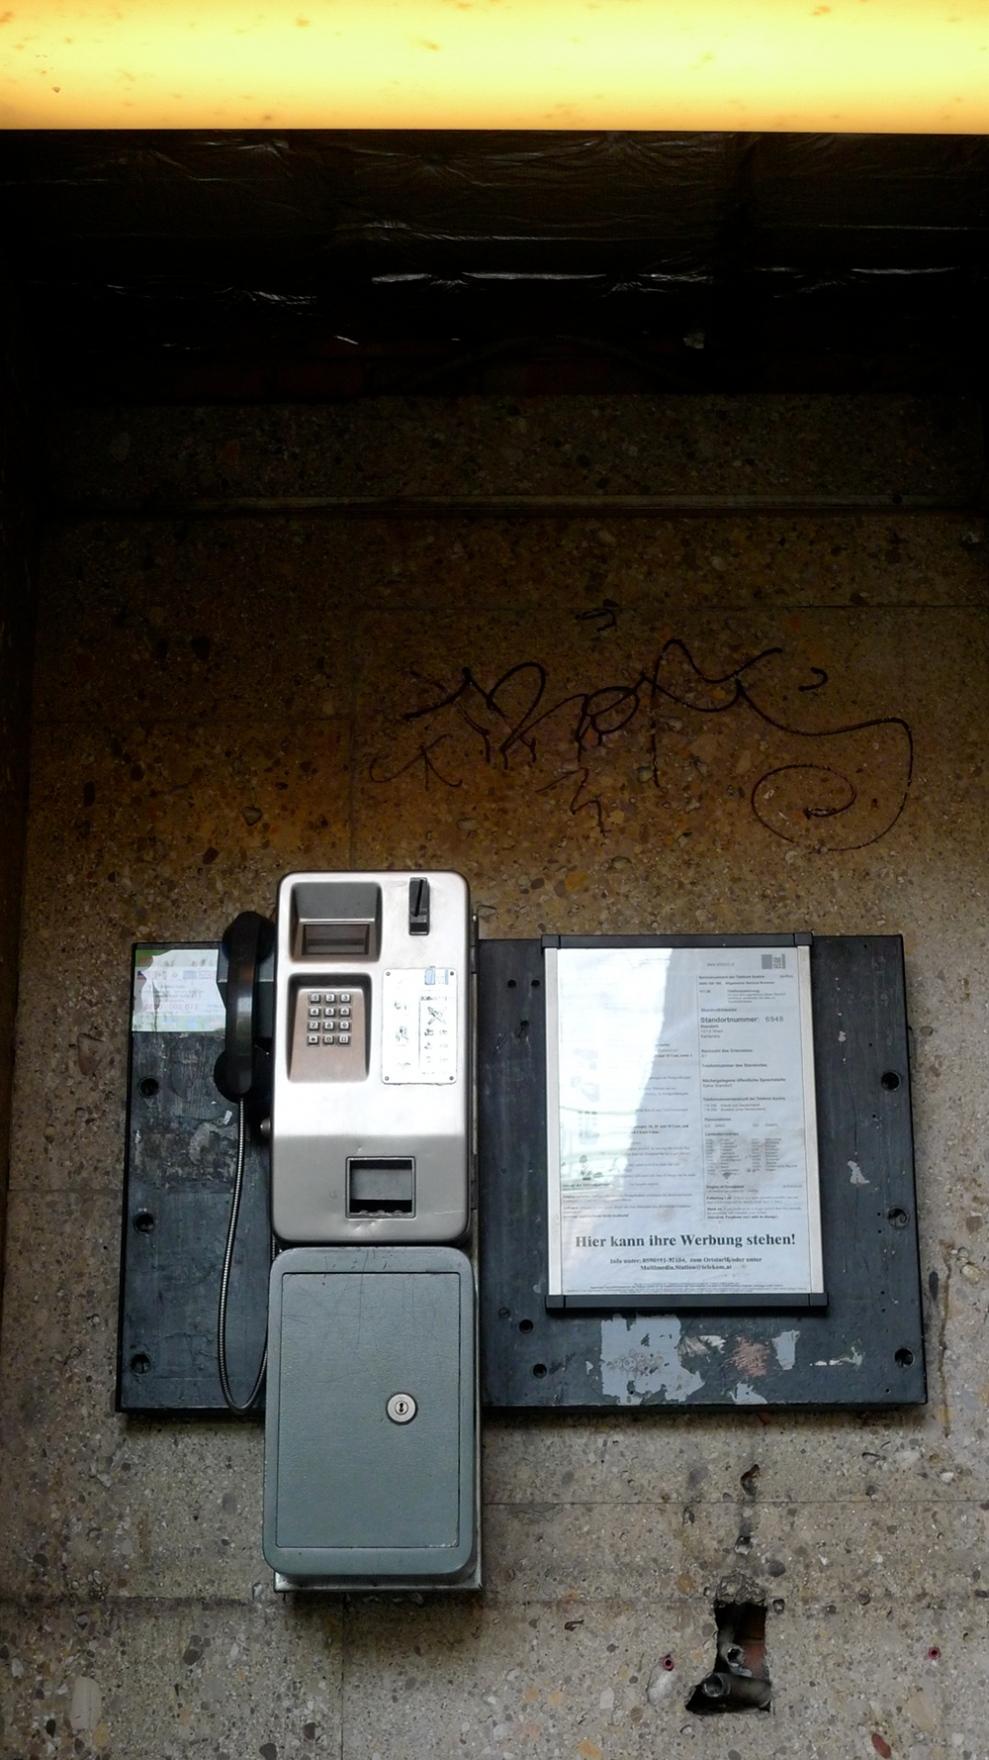 telephonel